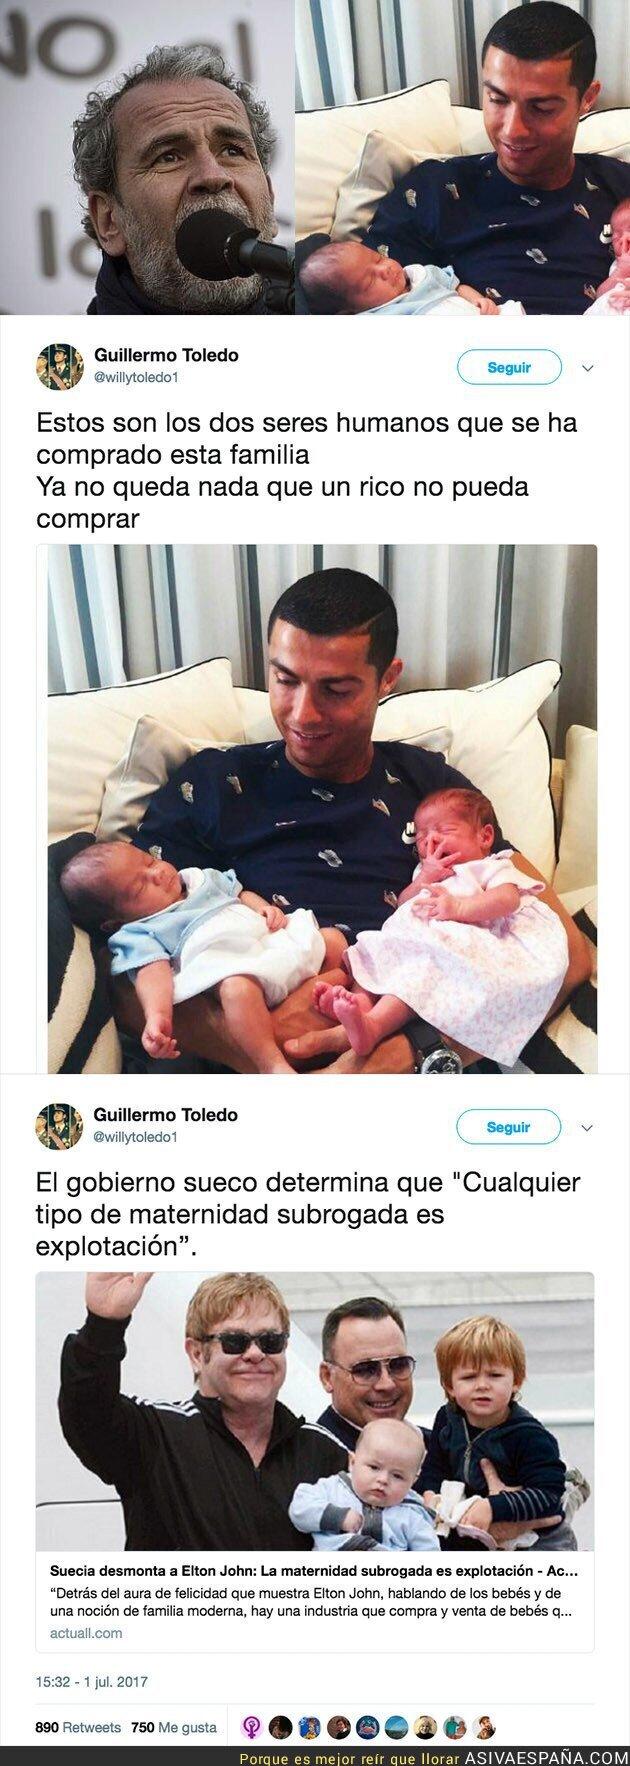 71040 - La dura crítica de Willy Toledo a Cristiano Ronaldo tras comprarse dos hijos